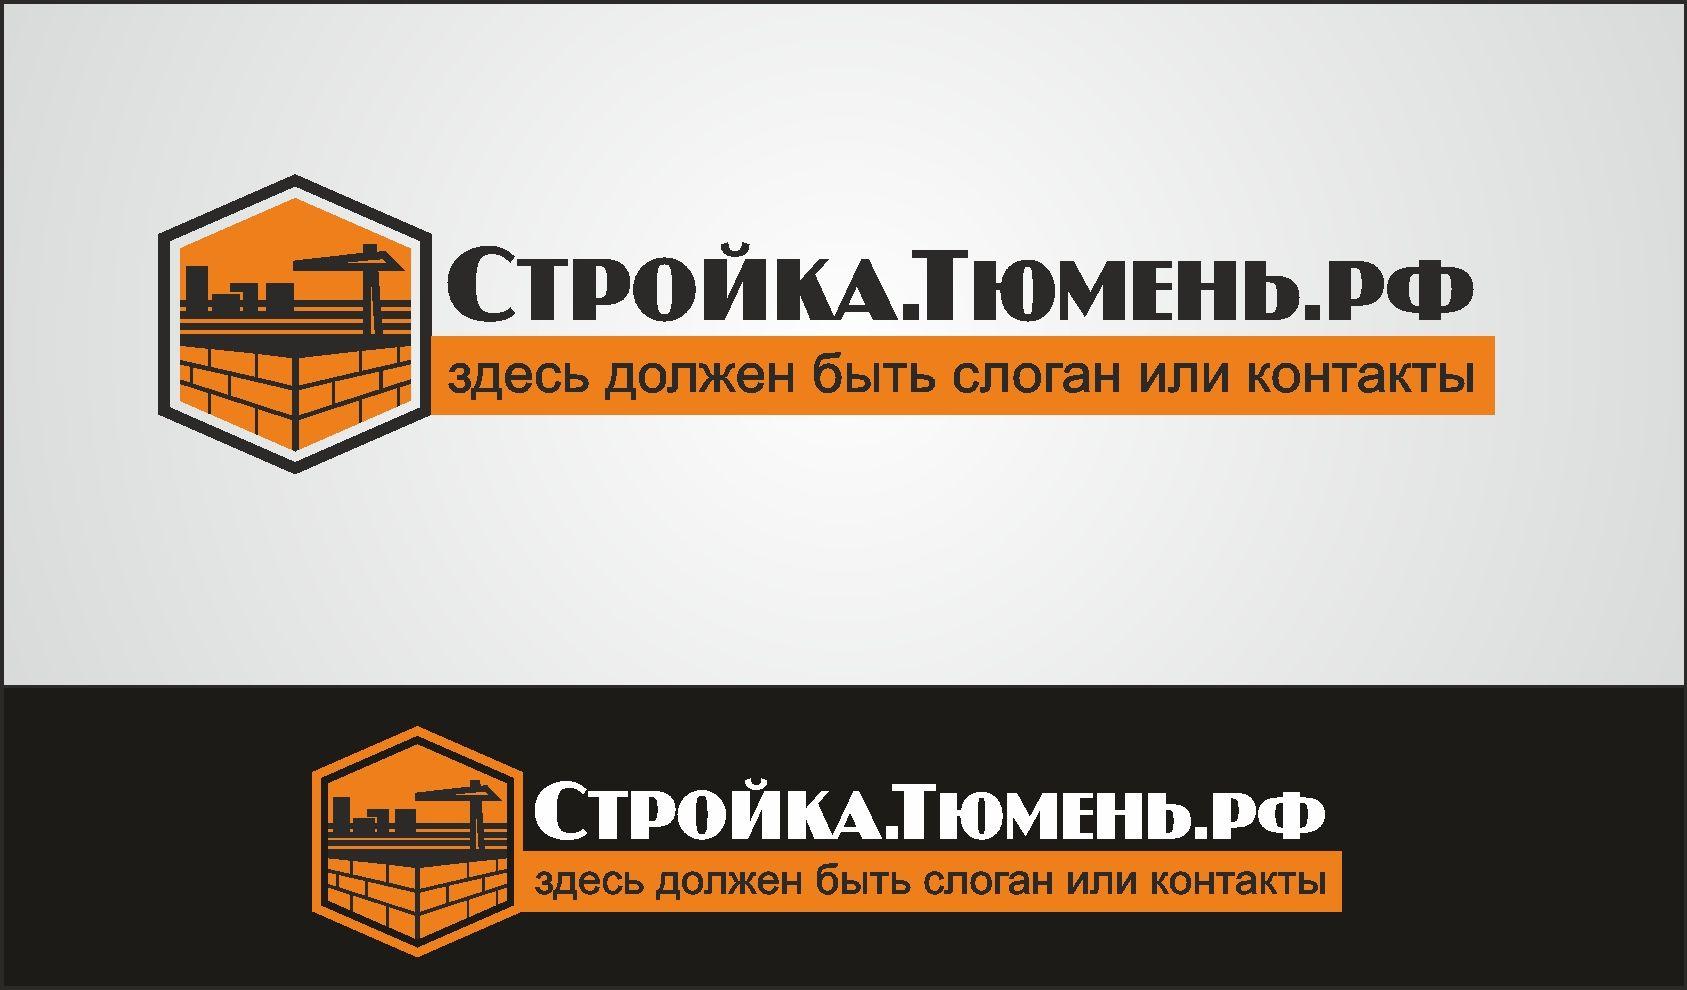 Логотип для строительного портала - дизайнер graphin4ik